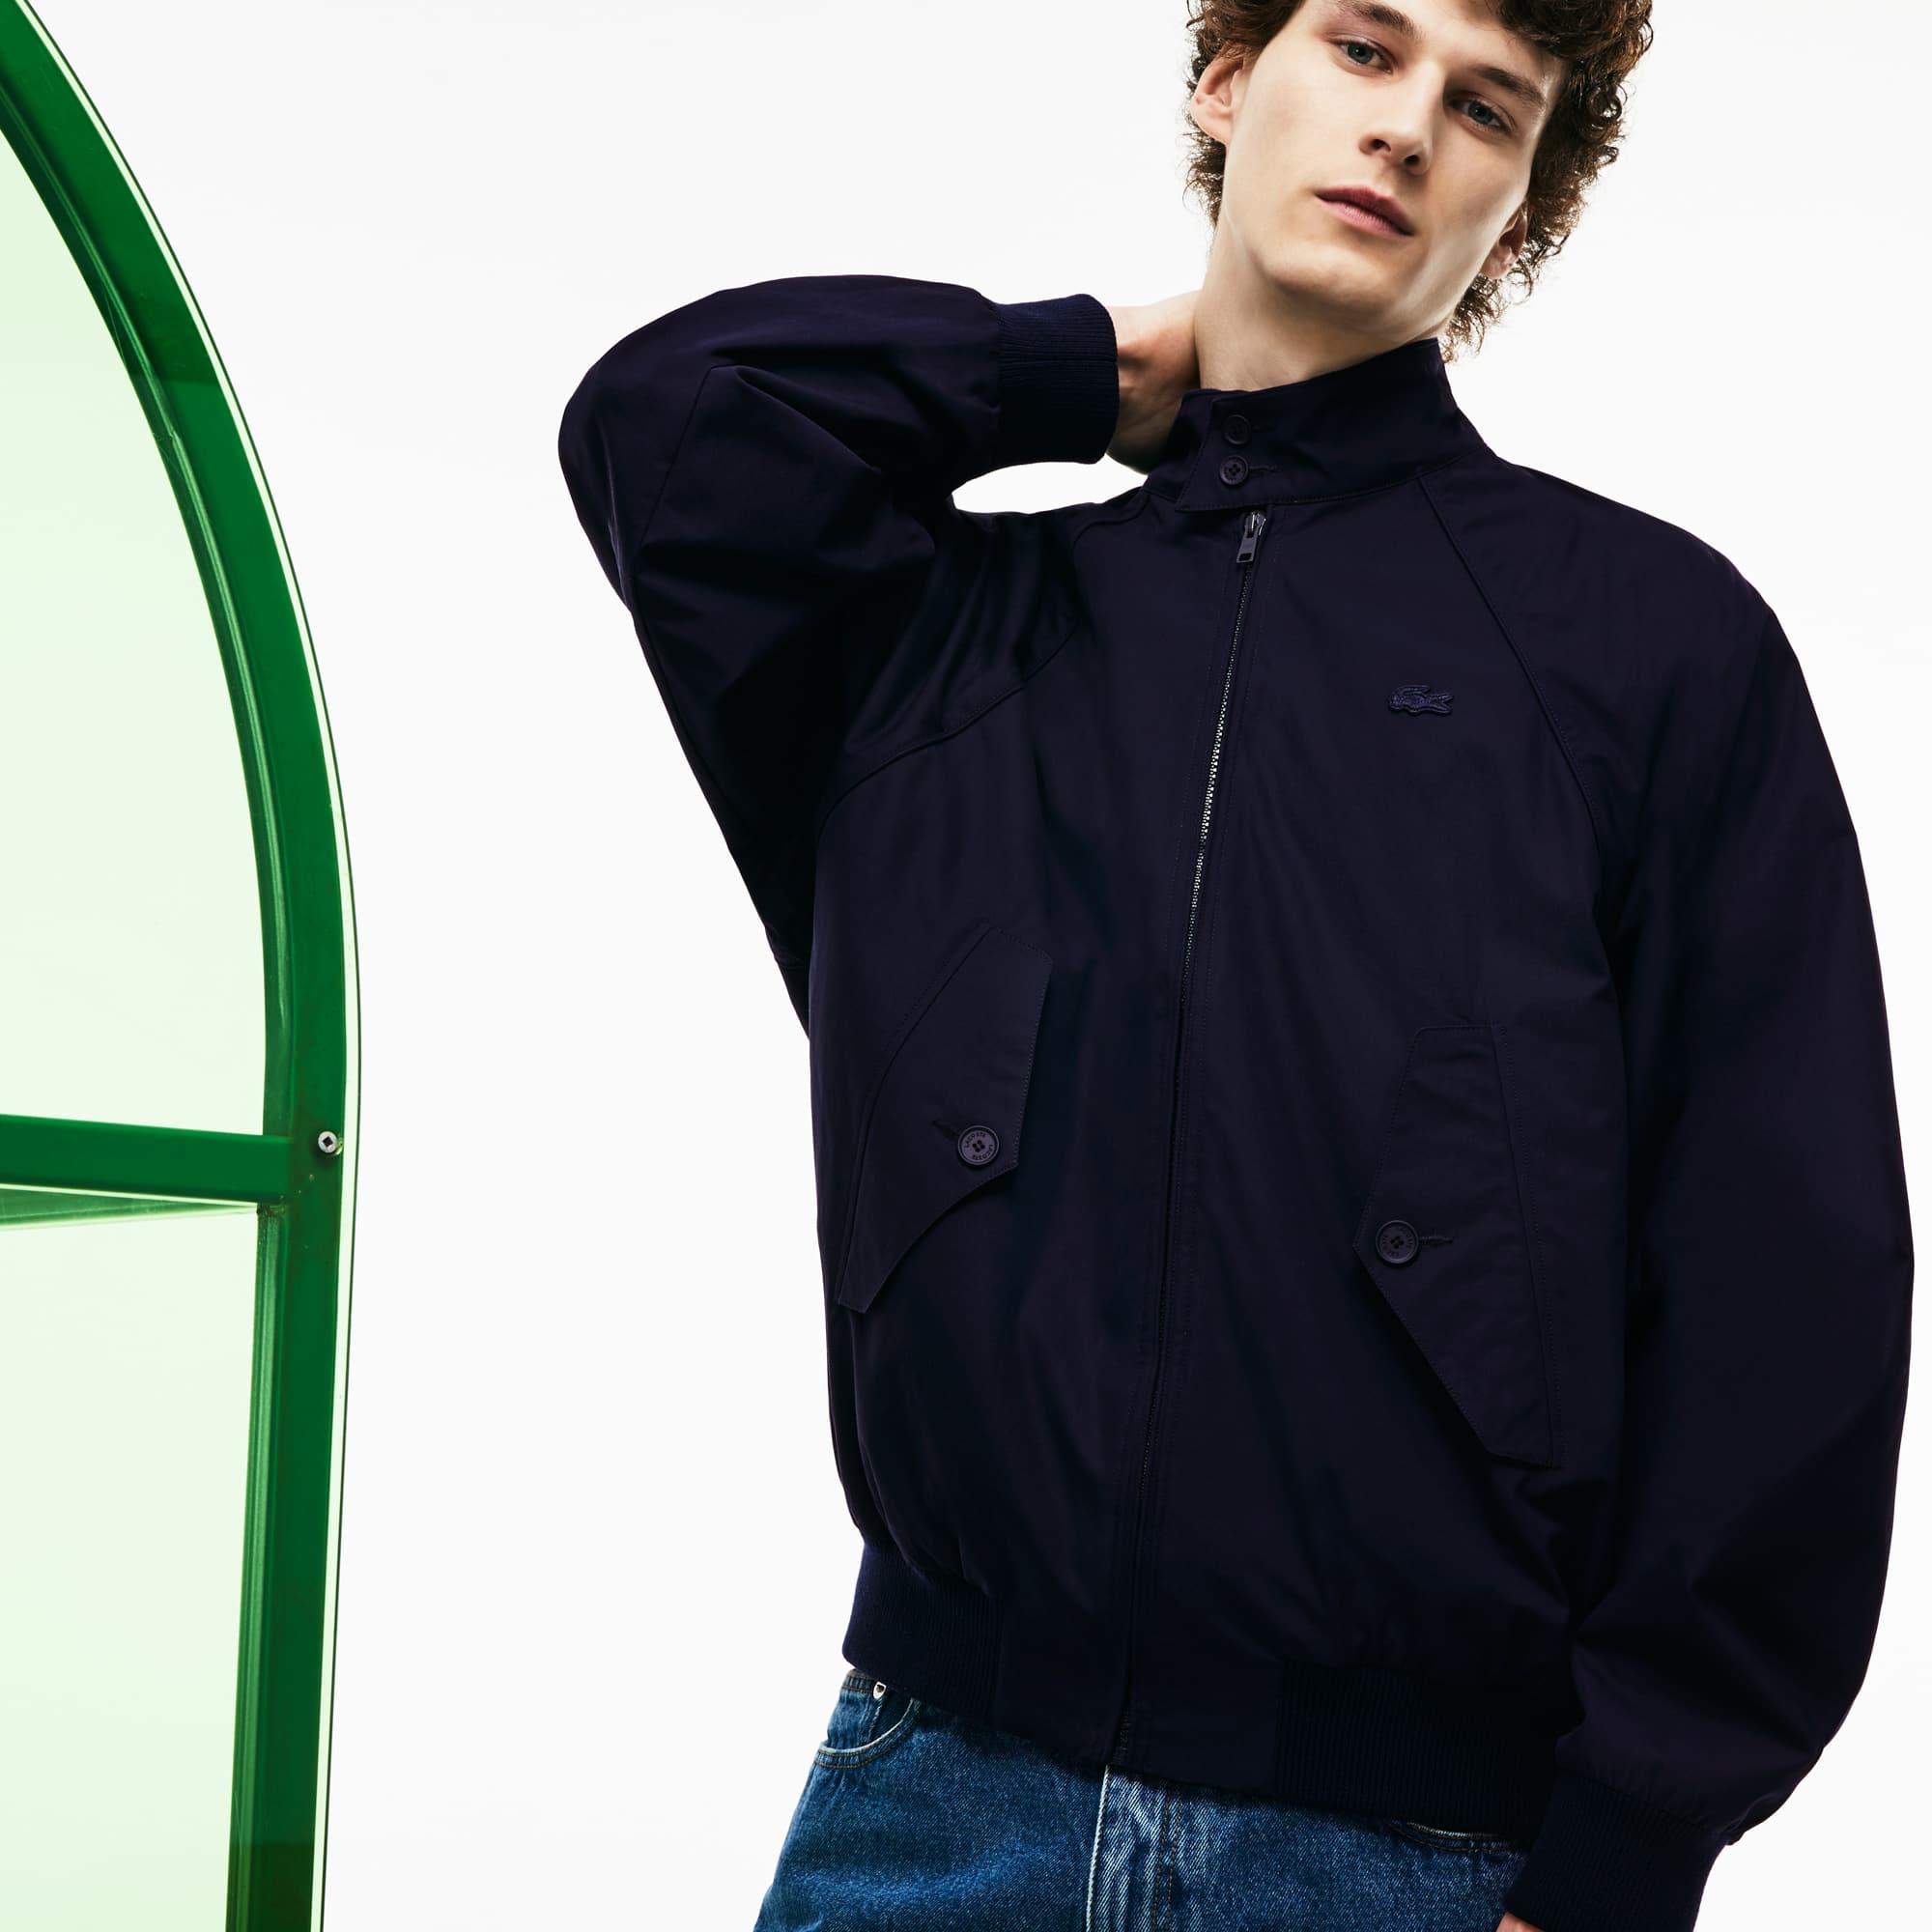 Blusão de tamanho grande com fecho de correr em lona de algodão Edição Desfile